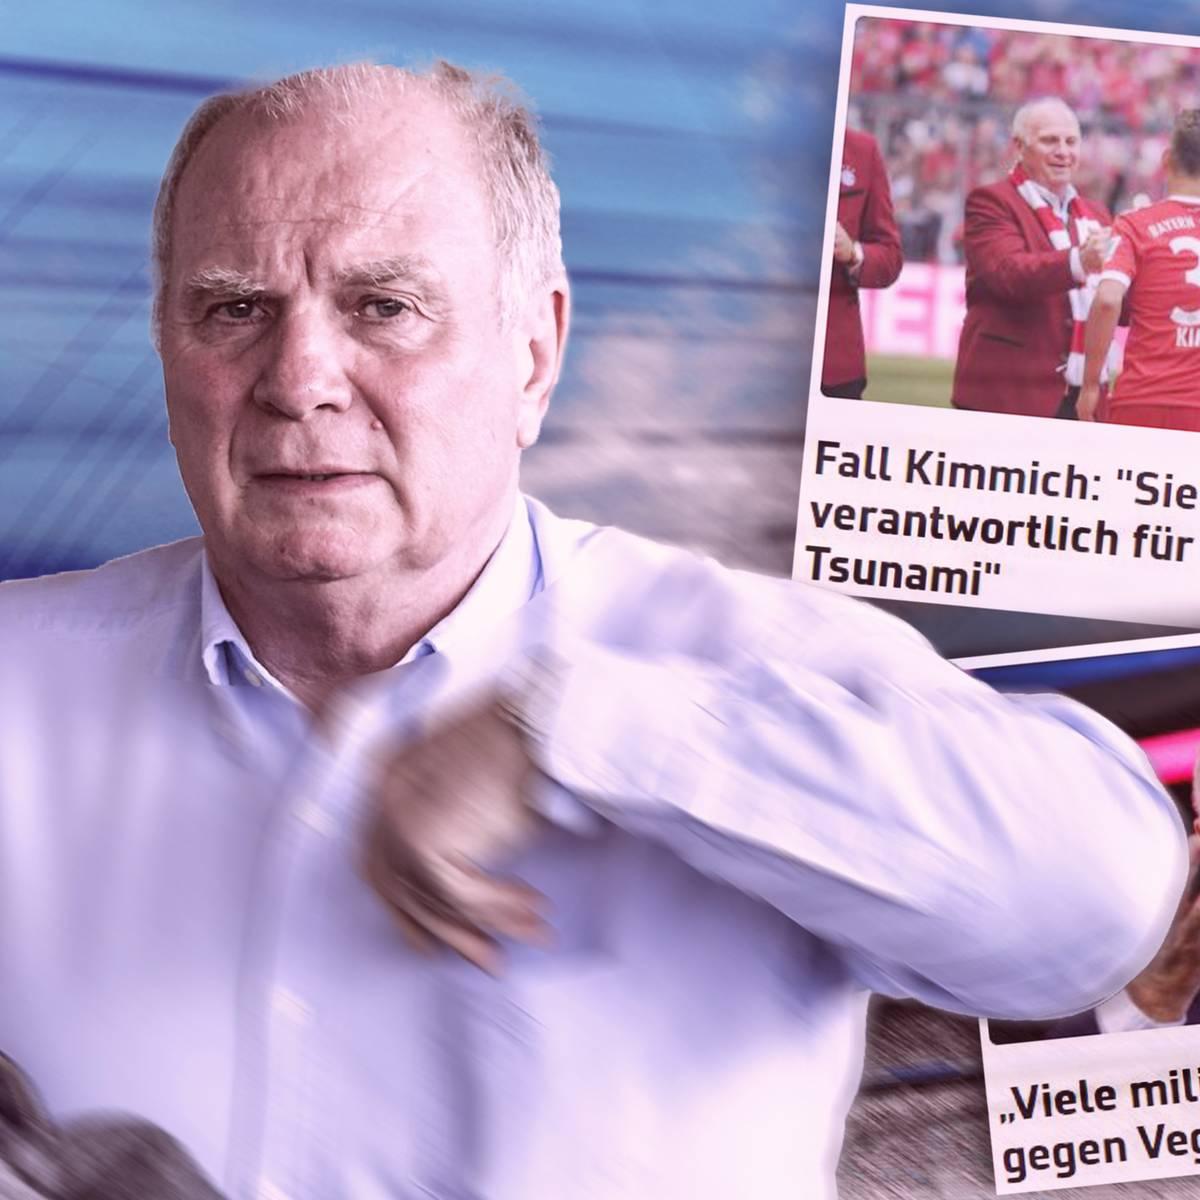 """Nach verbalen Attacken: Vertritt Uli Hoeneß """"populistische Ansichten""""?"""